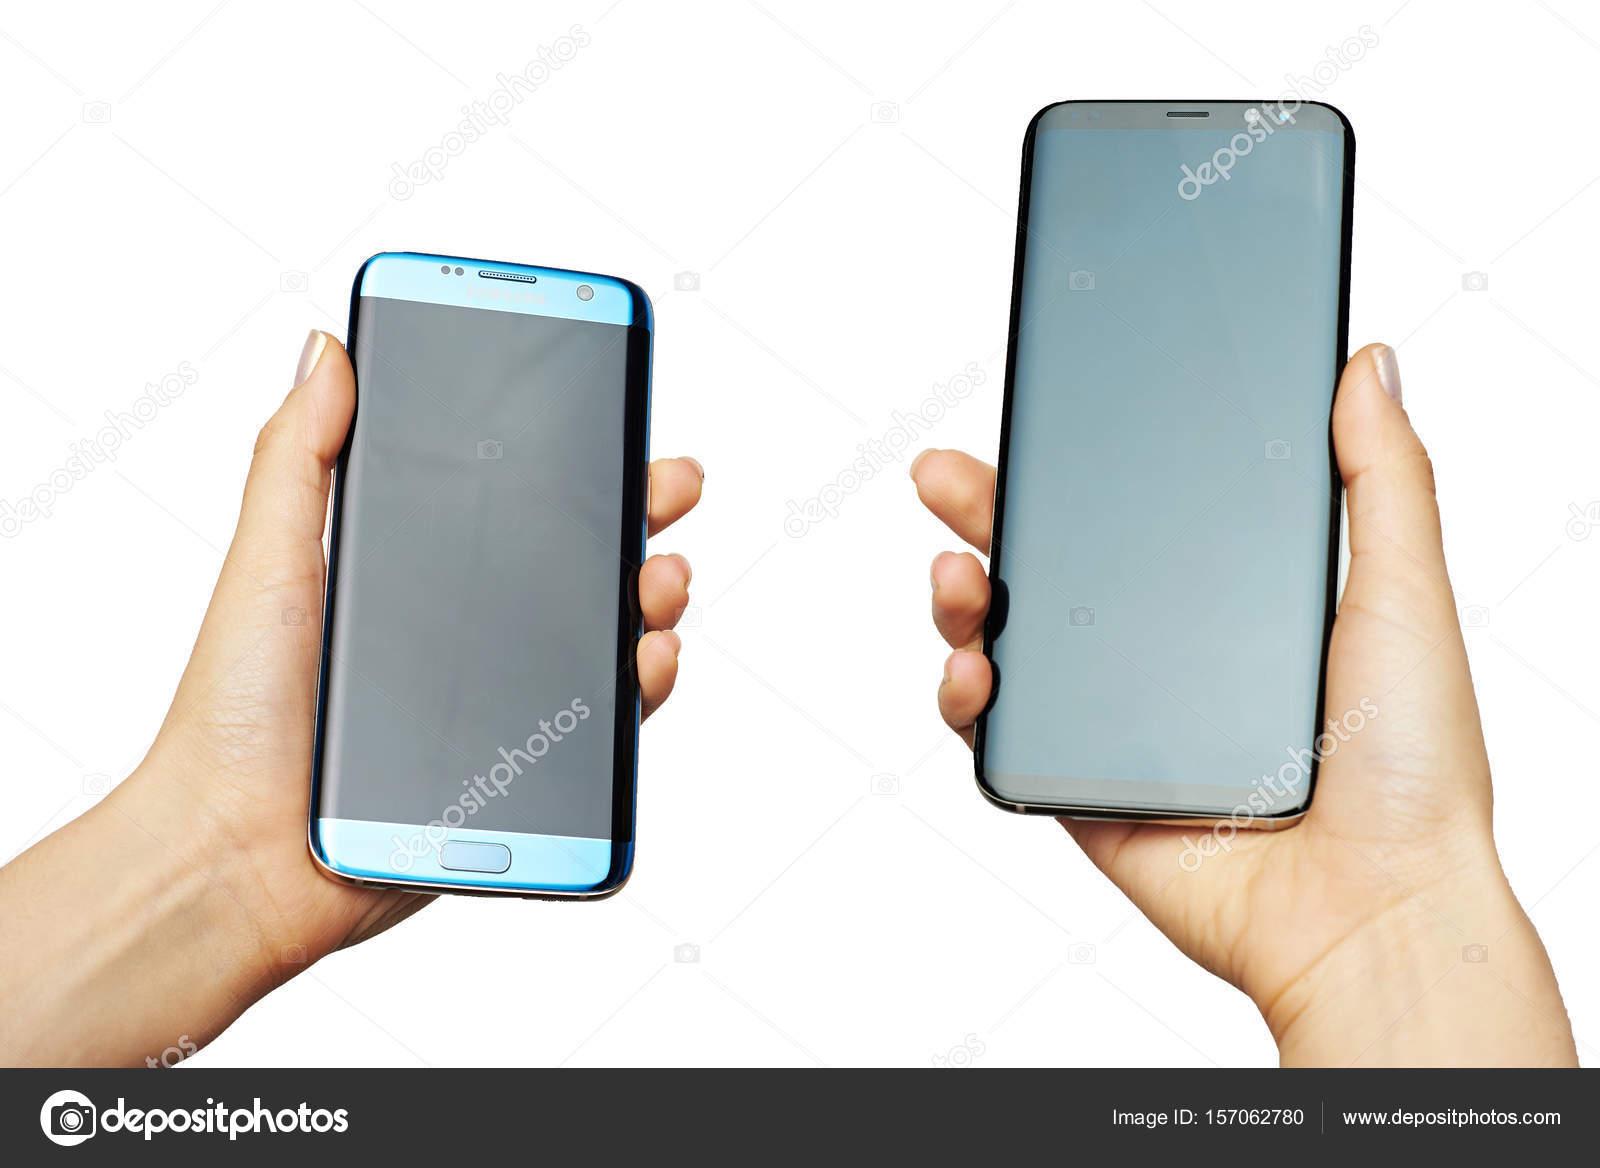 6d4bac6677 Nova york, EUA - 13 de junho de 2017: Samsung s8 plus smartphone em mãos,  isolado no fundo branco — Foto de ...